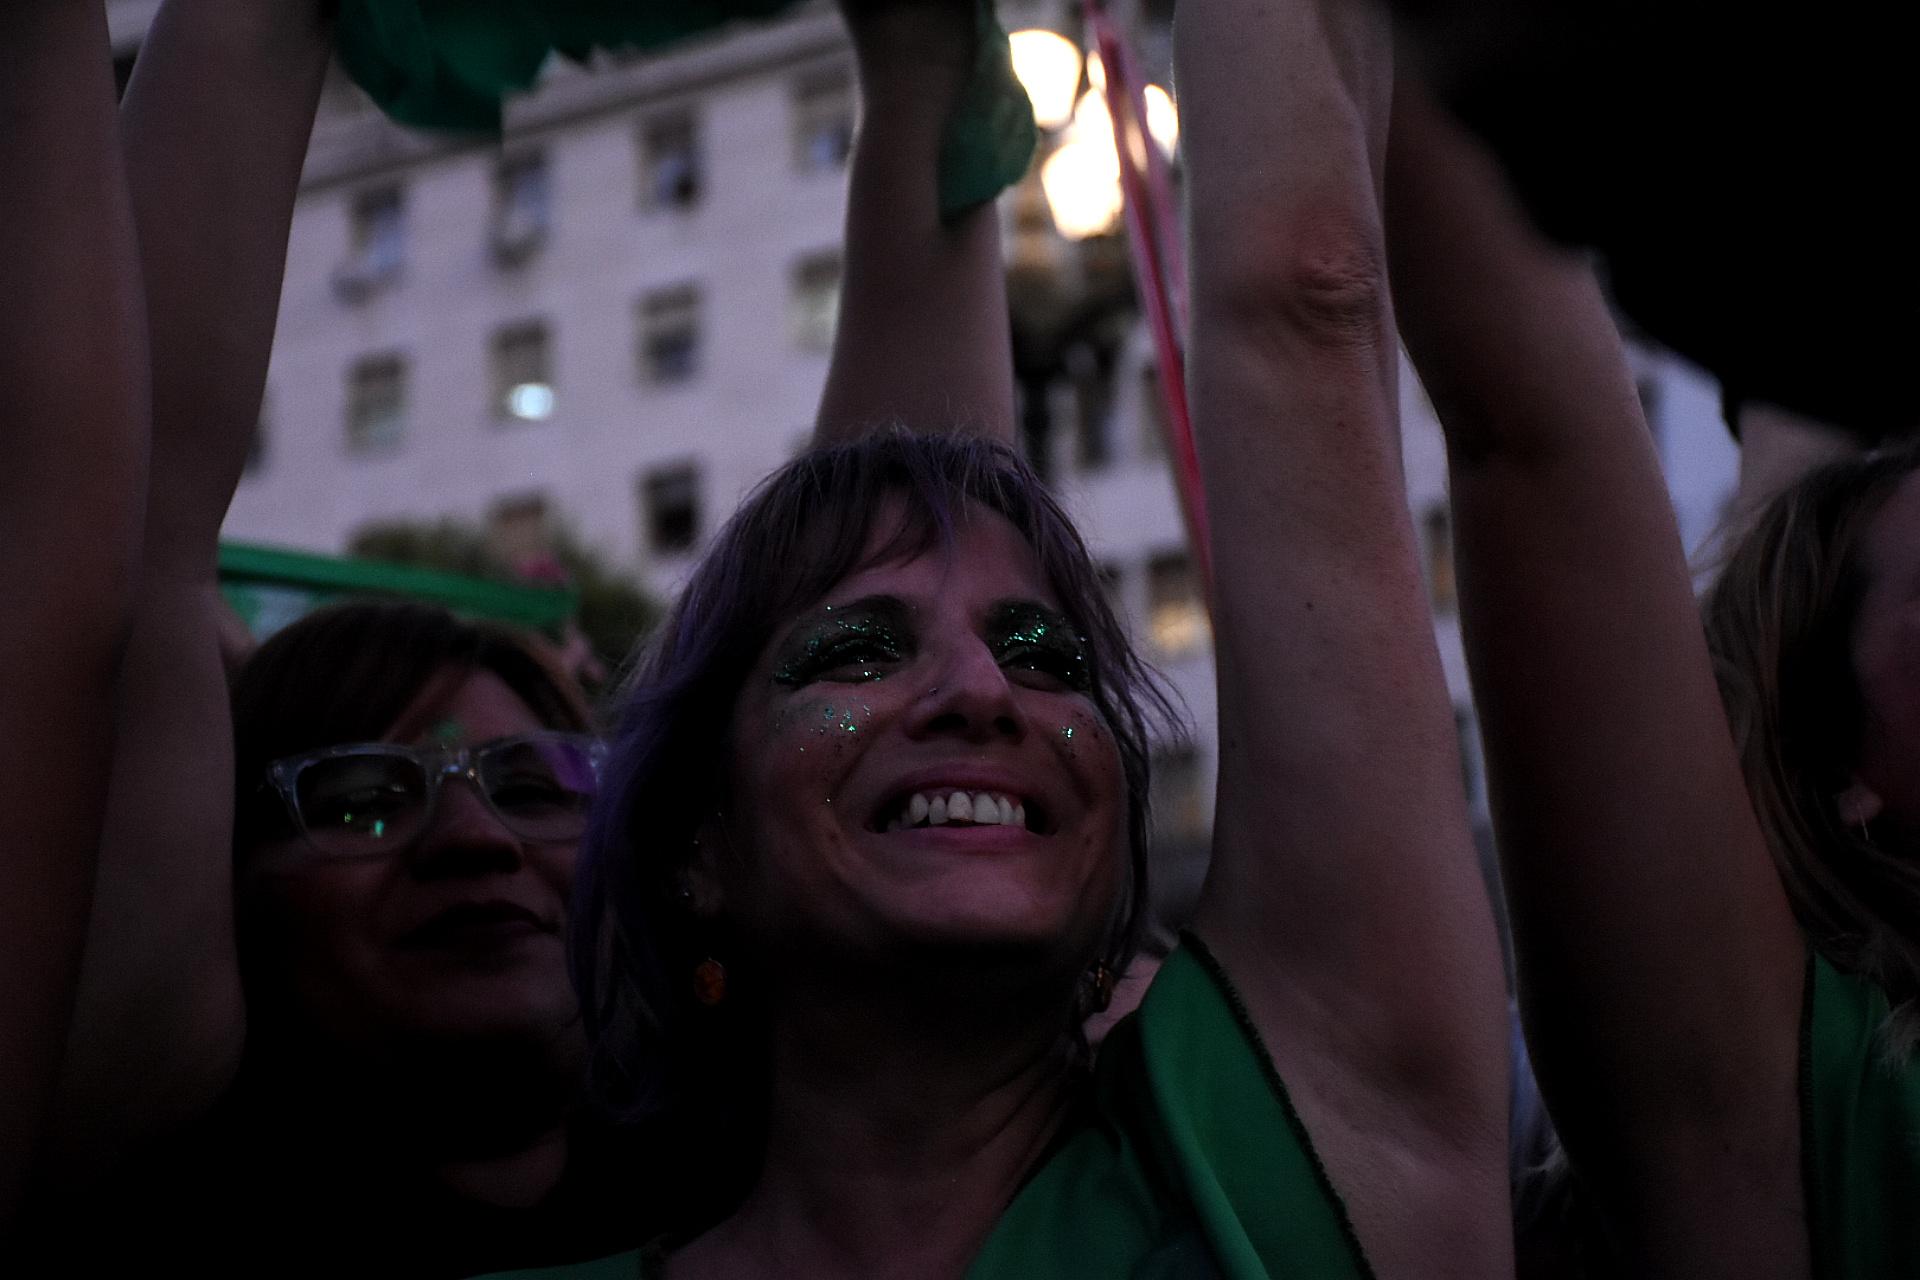 La movilización se promovió en las redes sociales con los hashtag #19F y #QueSeaLey, utilizado por miles de mujeres y diversas organizaciones feministas y juveniles tanto de partidos políticos como sindicatos